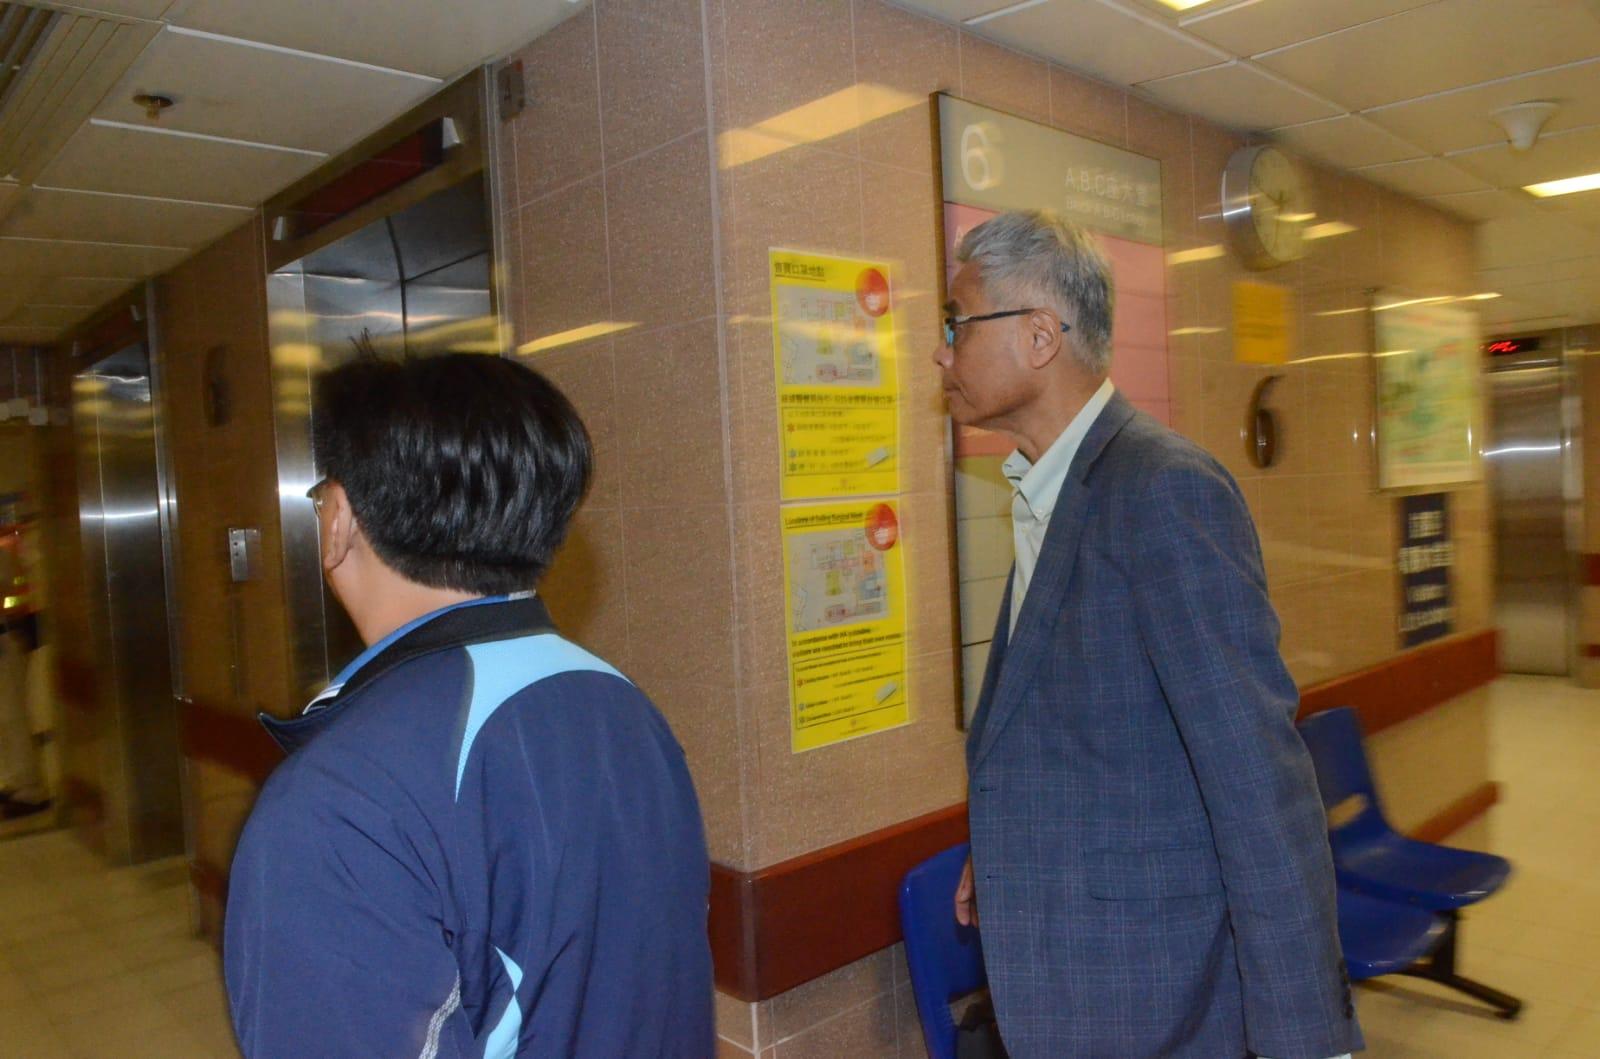 科大校長到醫院探望受傷學生。